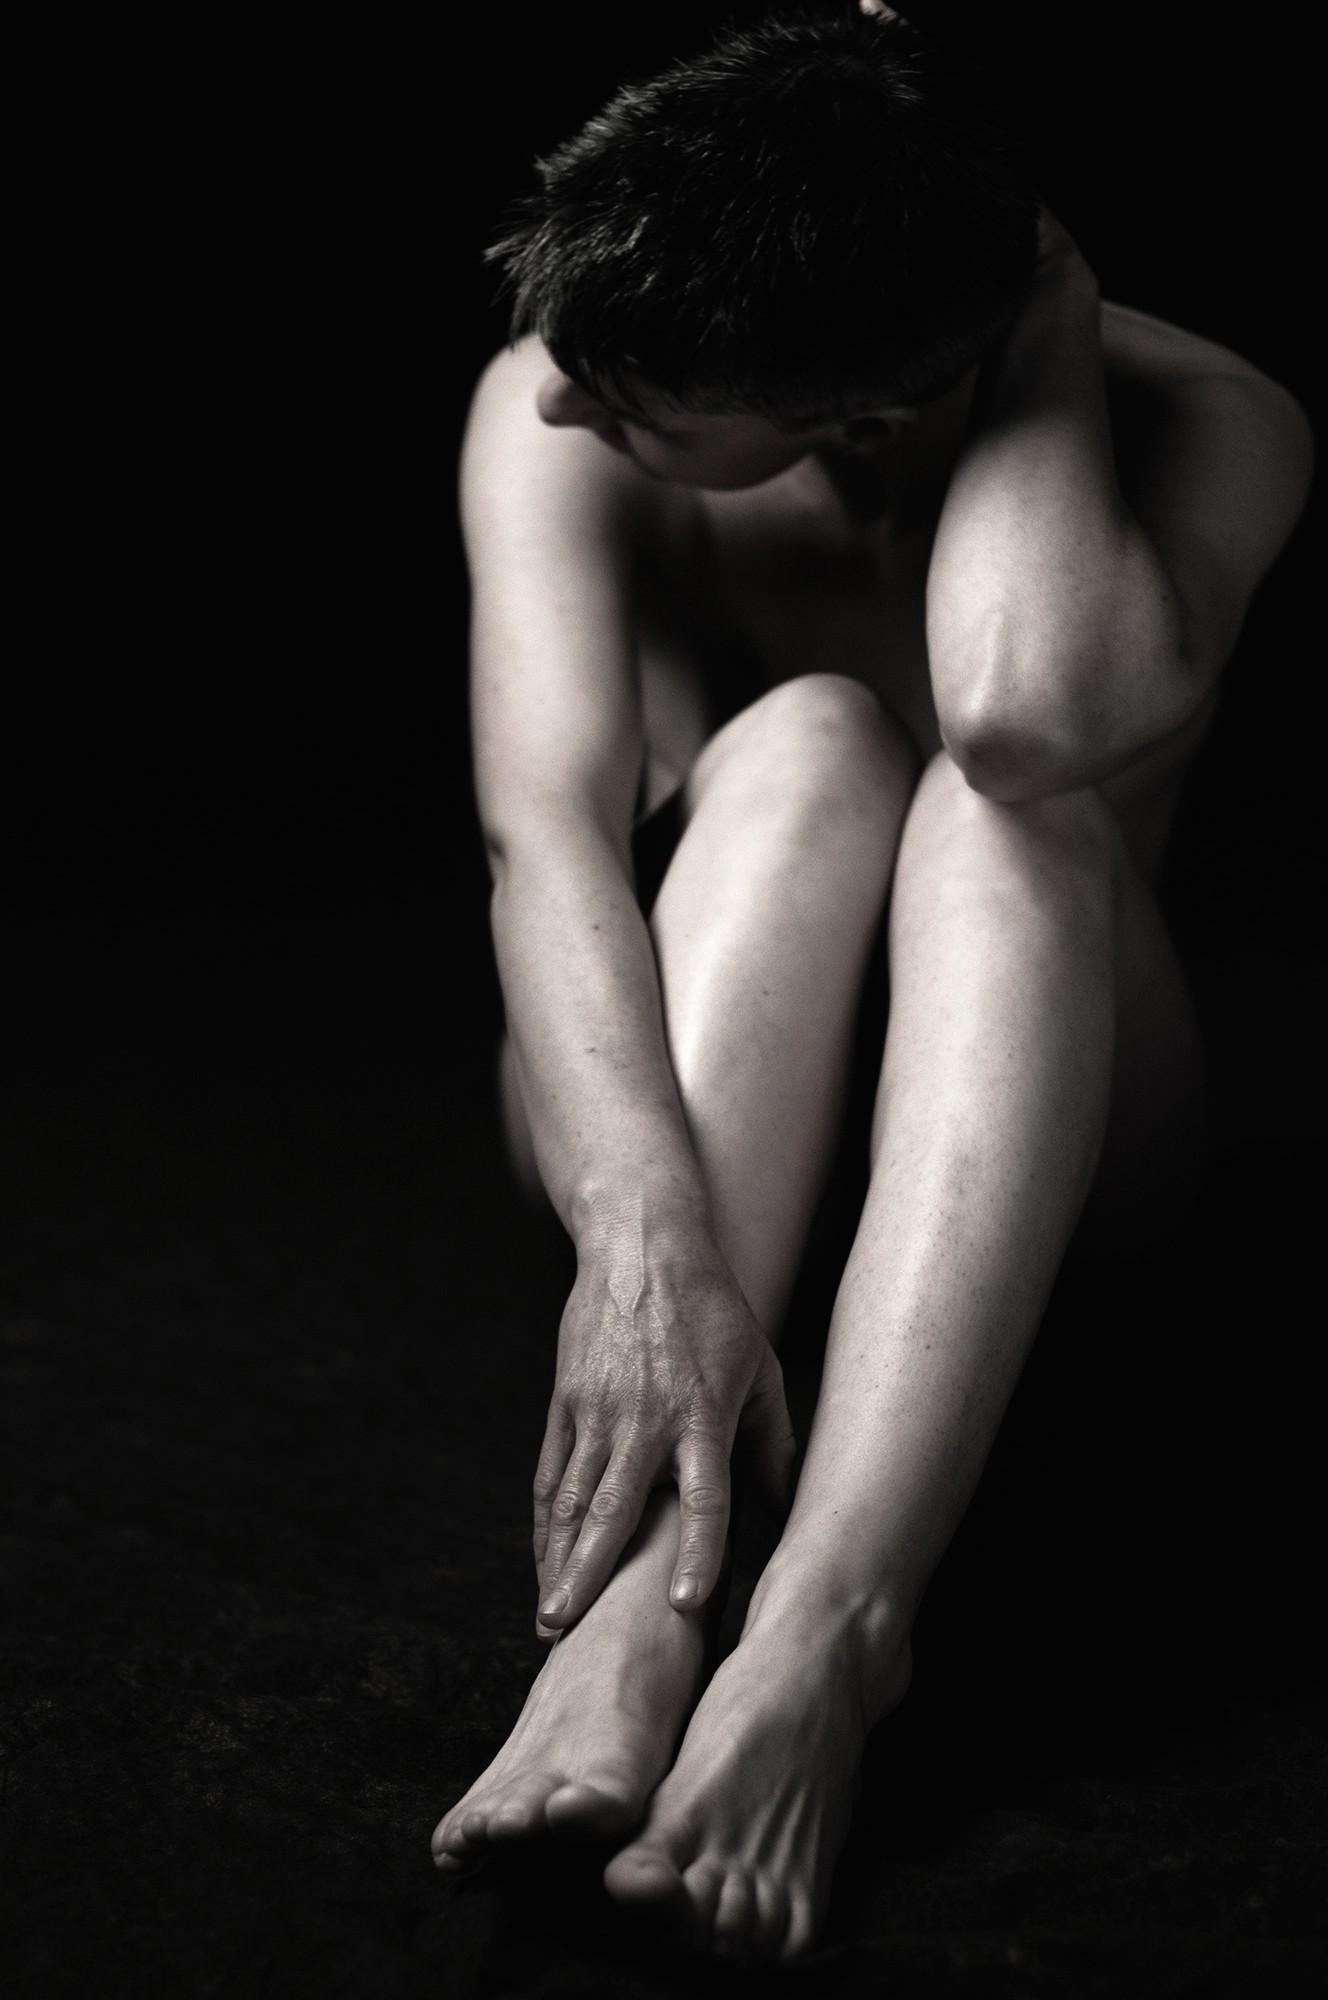 Jambes nues d'une femme / Photographie artistique du nu féminin en noir et blanc